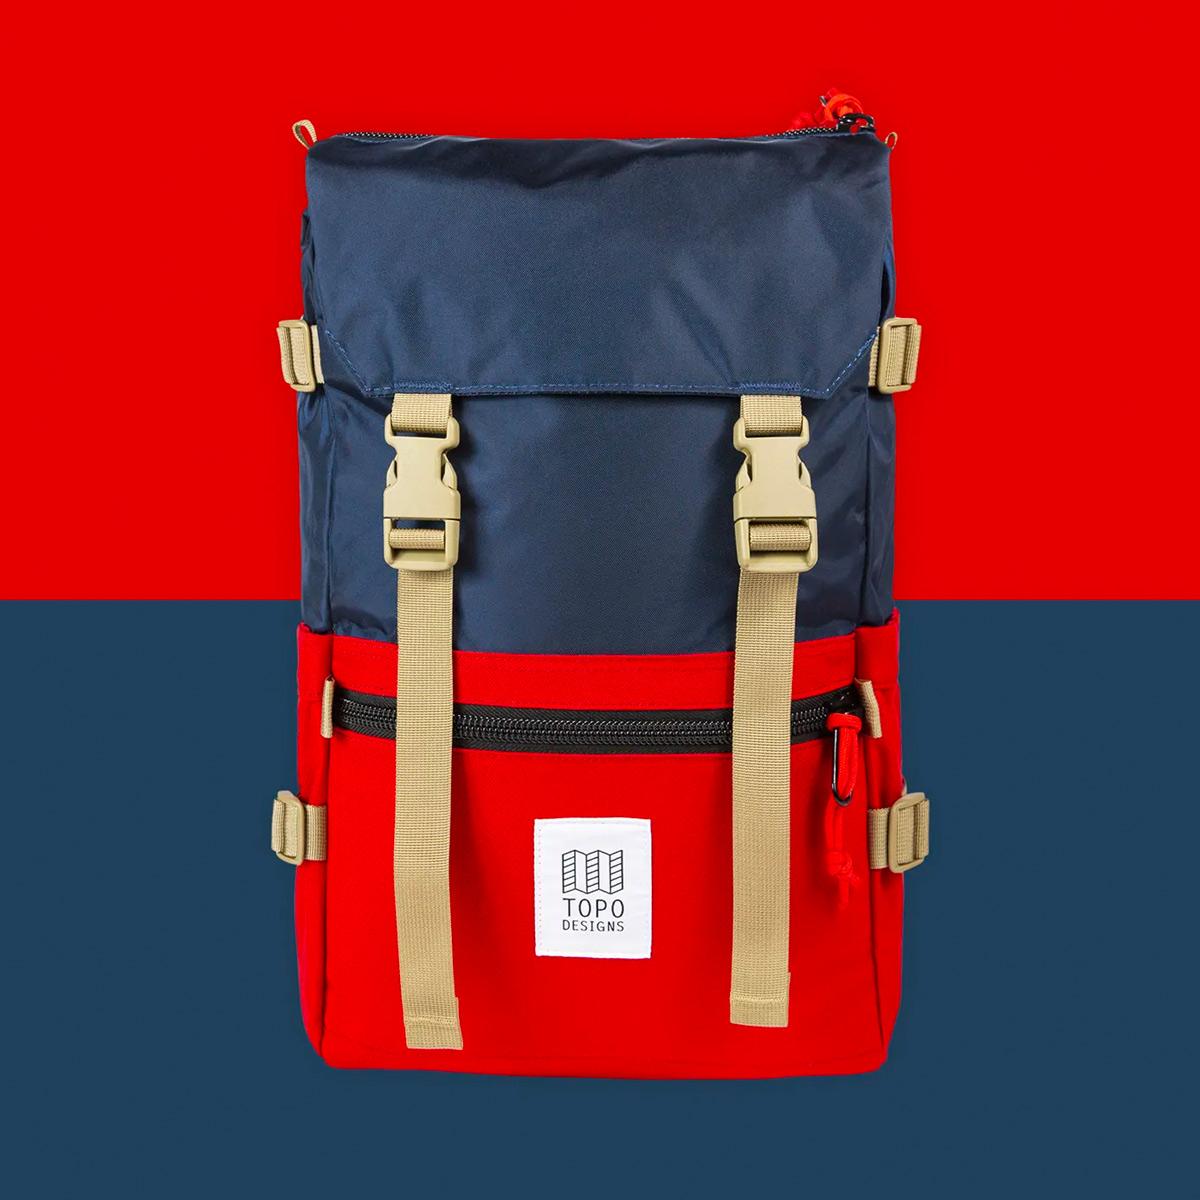 Topo Designs Rover Pack Classic Navy/Red, niet te groot, niet te klein, niet te simpel, iconische rugzak van Topo Designs